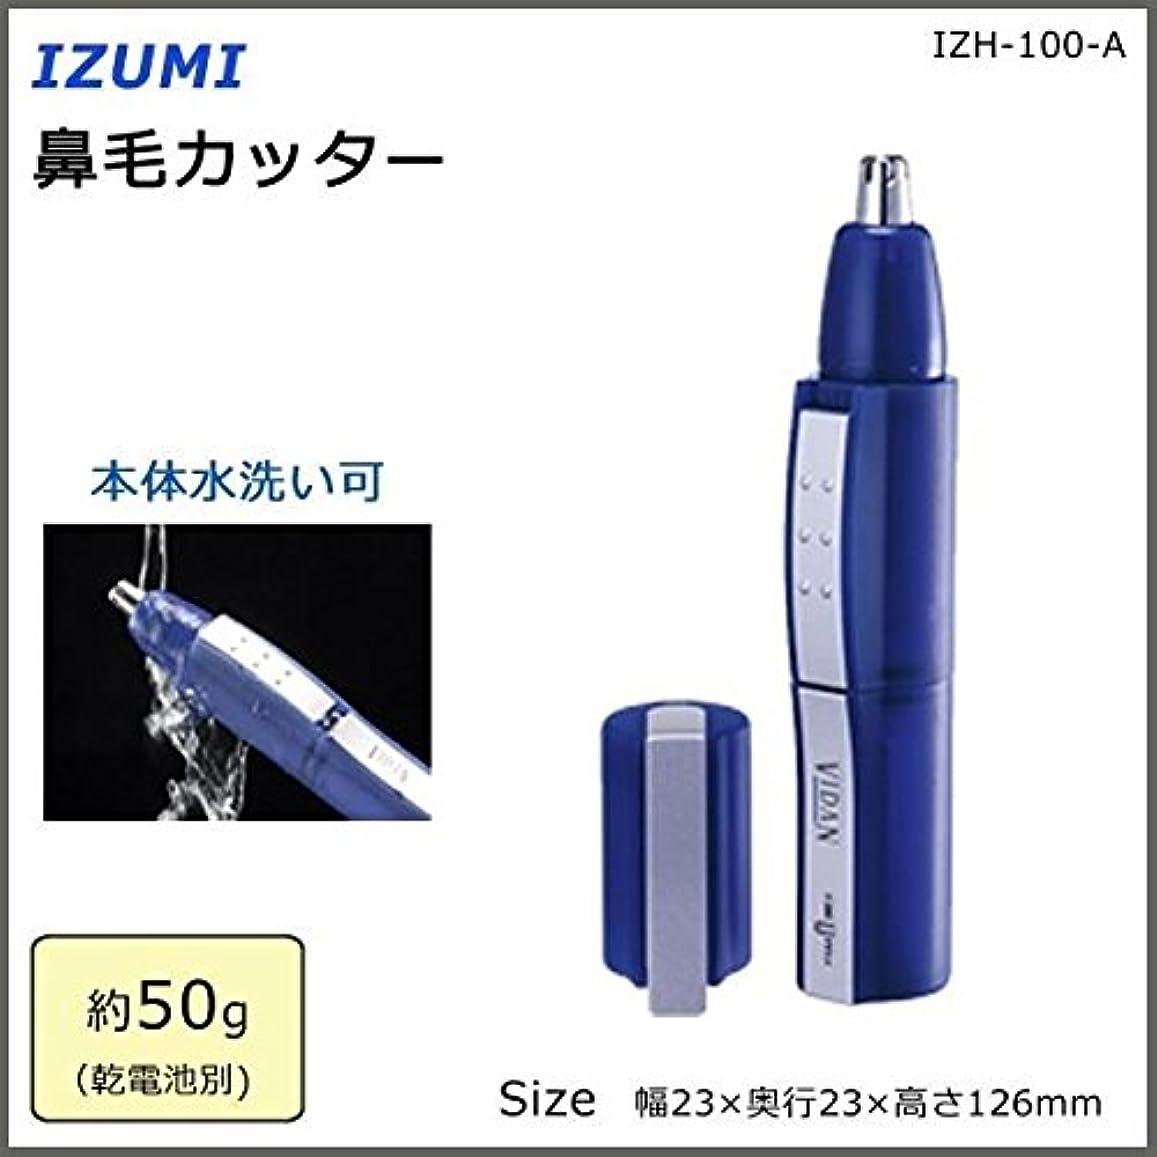 変成器タービン割るIZUMI 鼻毛カッター IZH-100-A